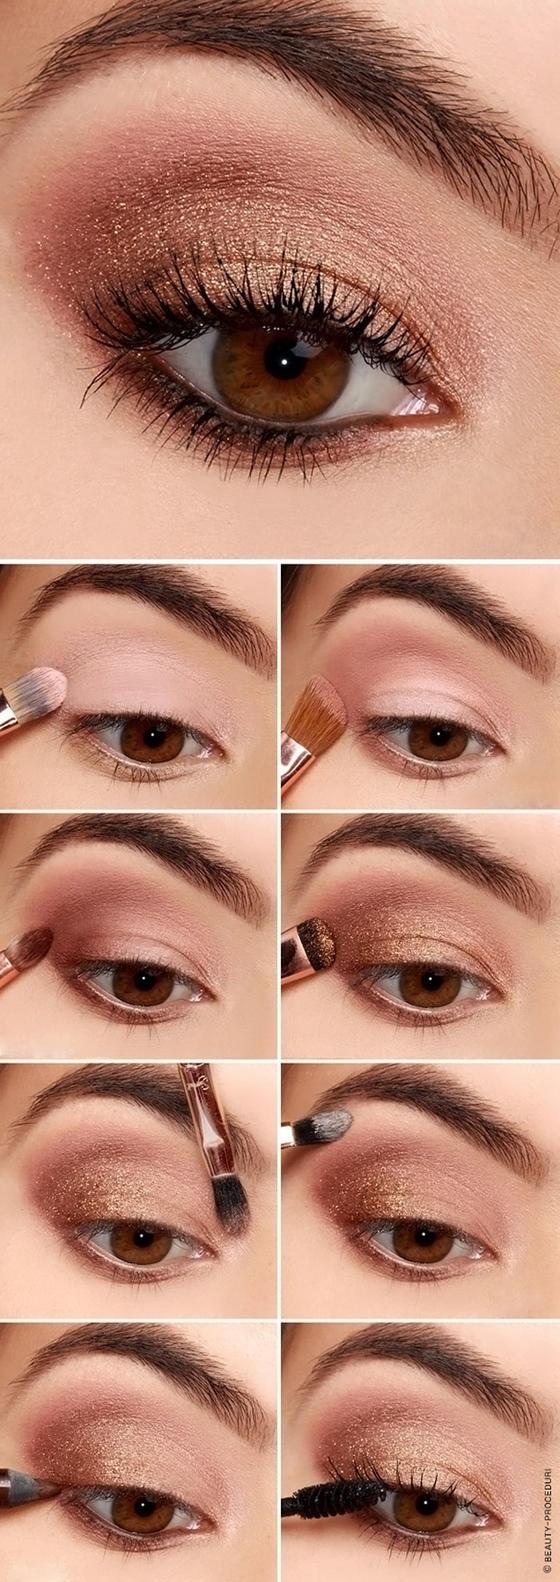 Макияж для карих глаз с пошаговой инструкцией и